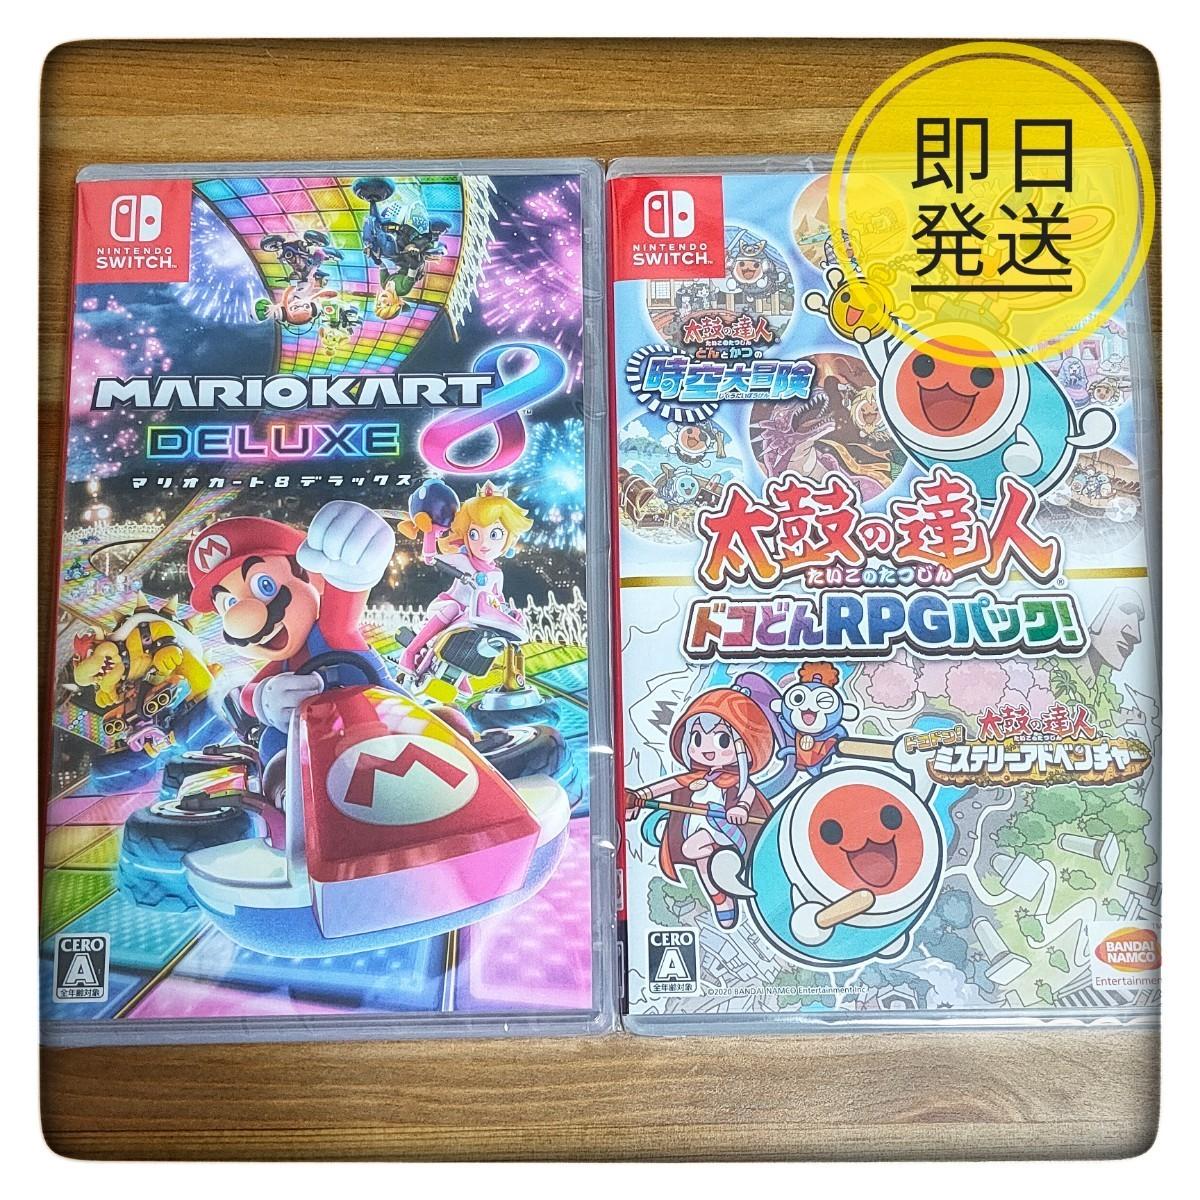 マリオカート8デラックス 太鼓の達人 ドコどん RPGパック! セット 新品未開封 即日発送